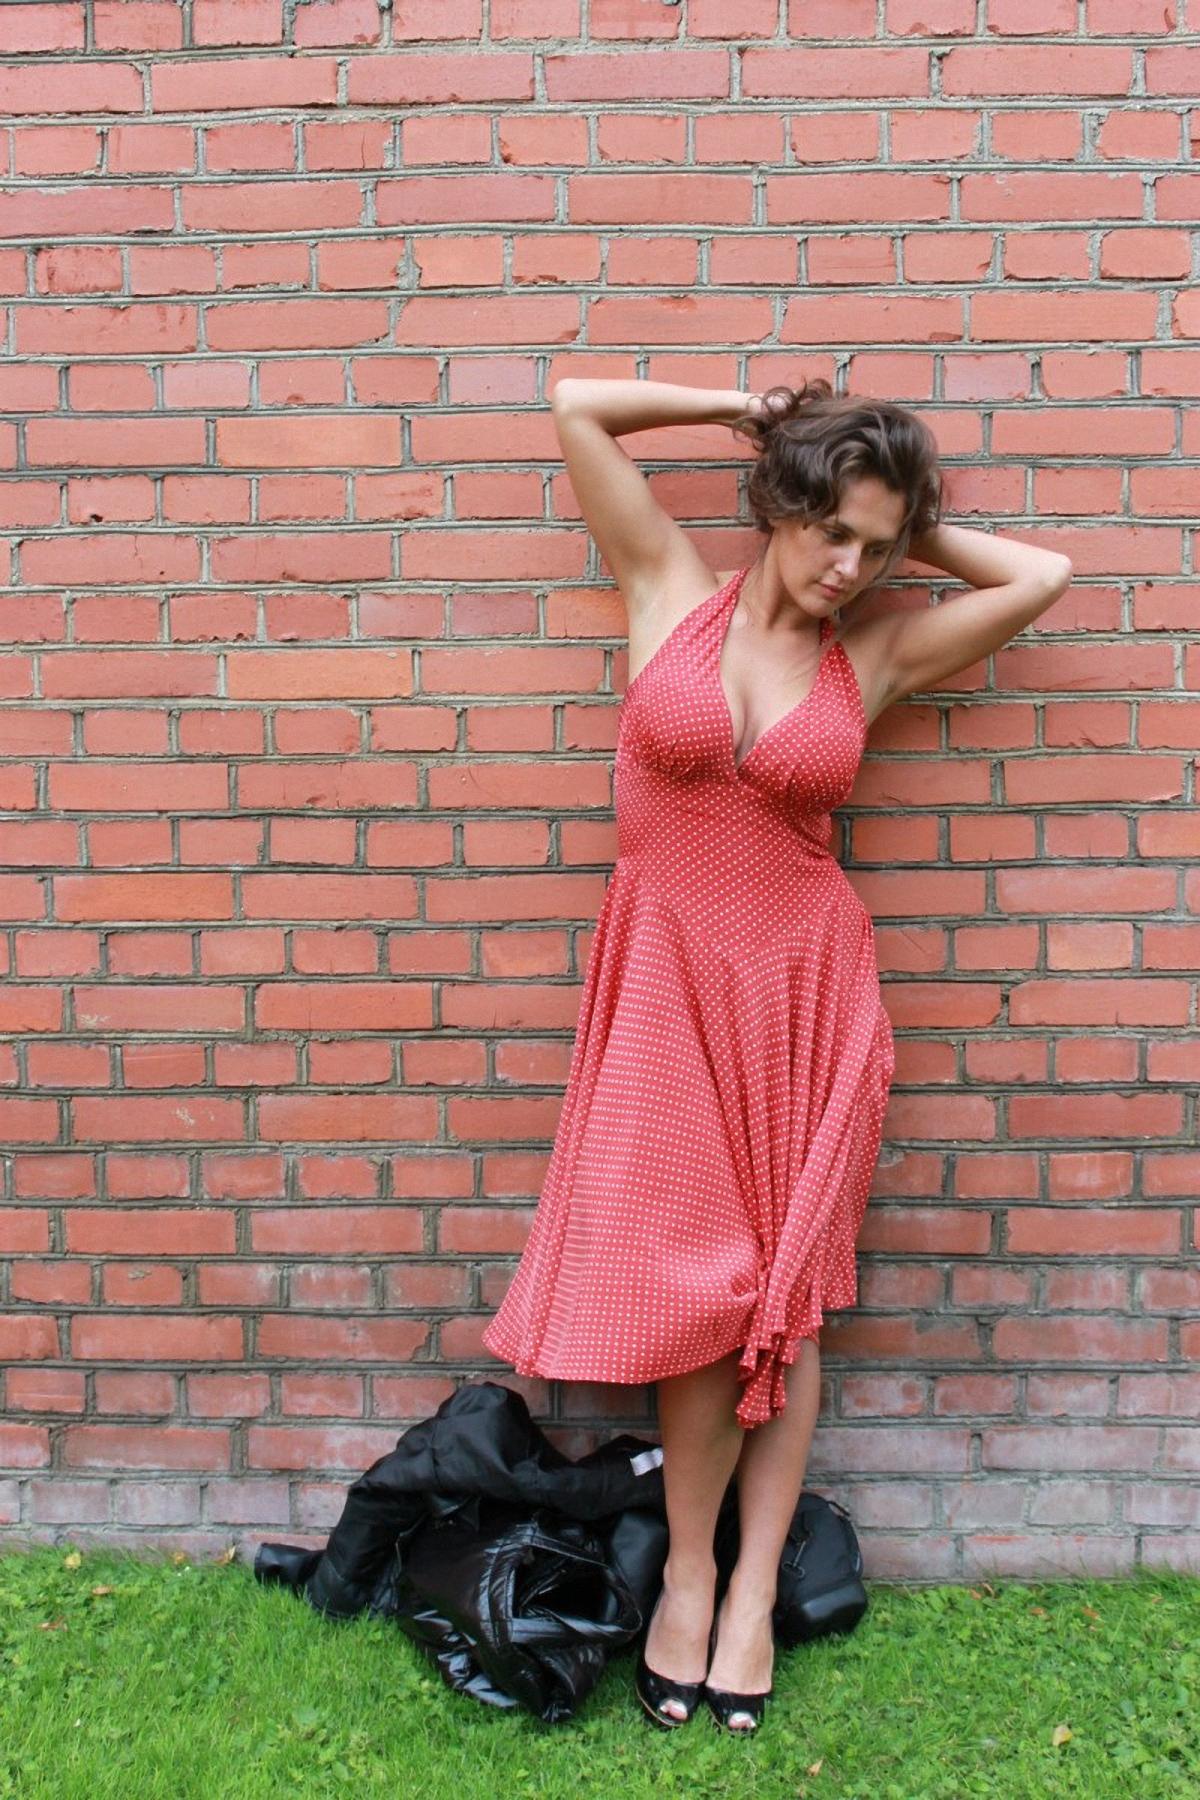 Эротическое фото шумаковой марии 28 фотография